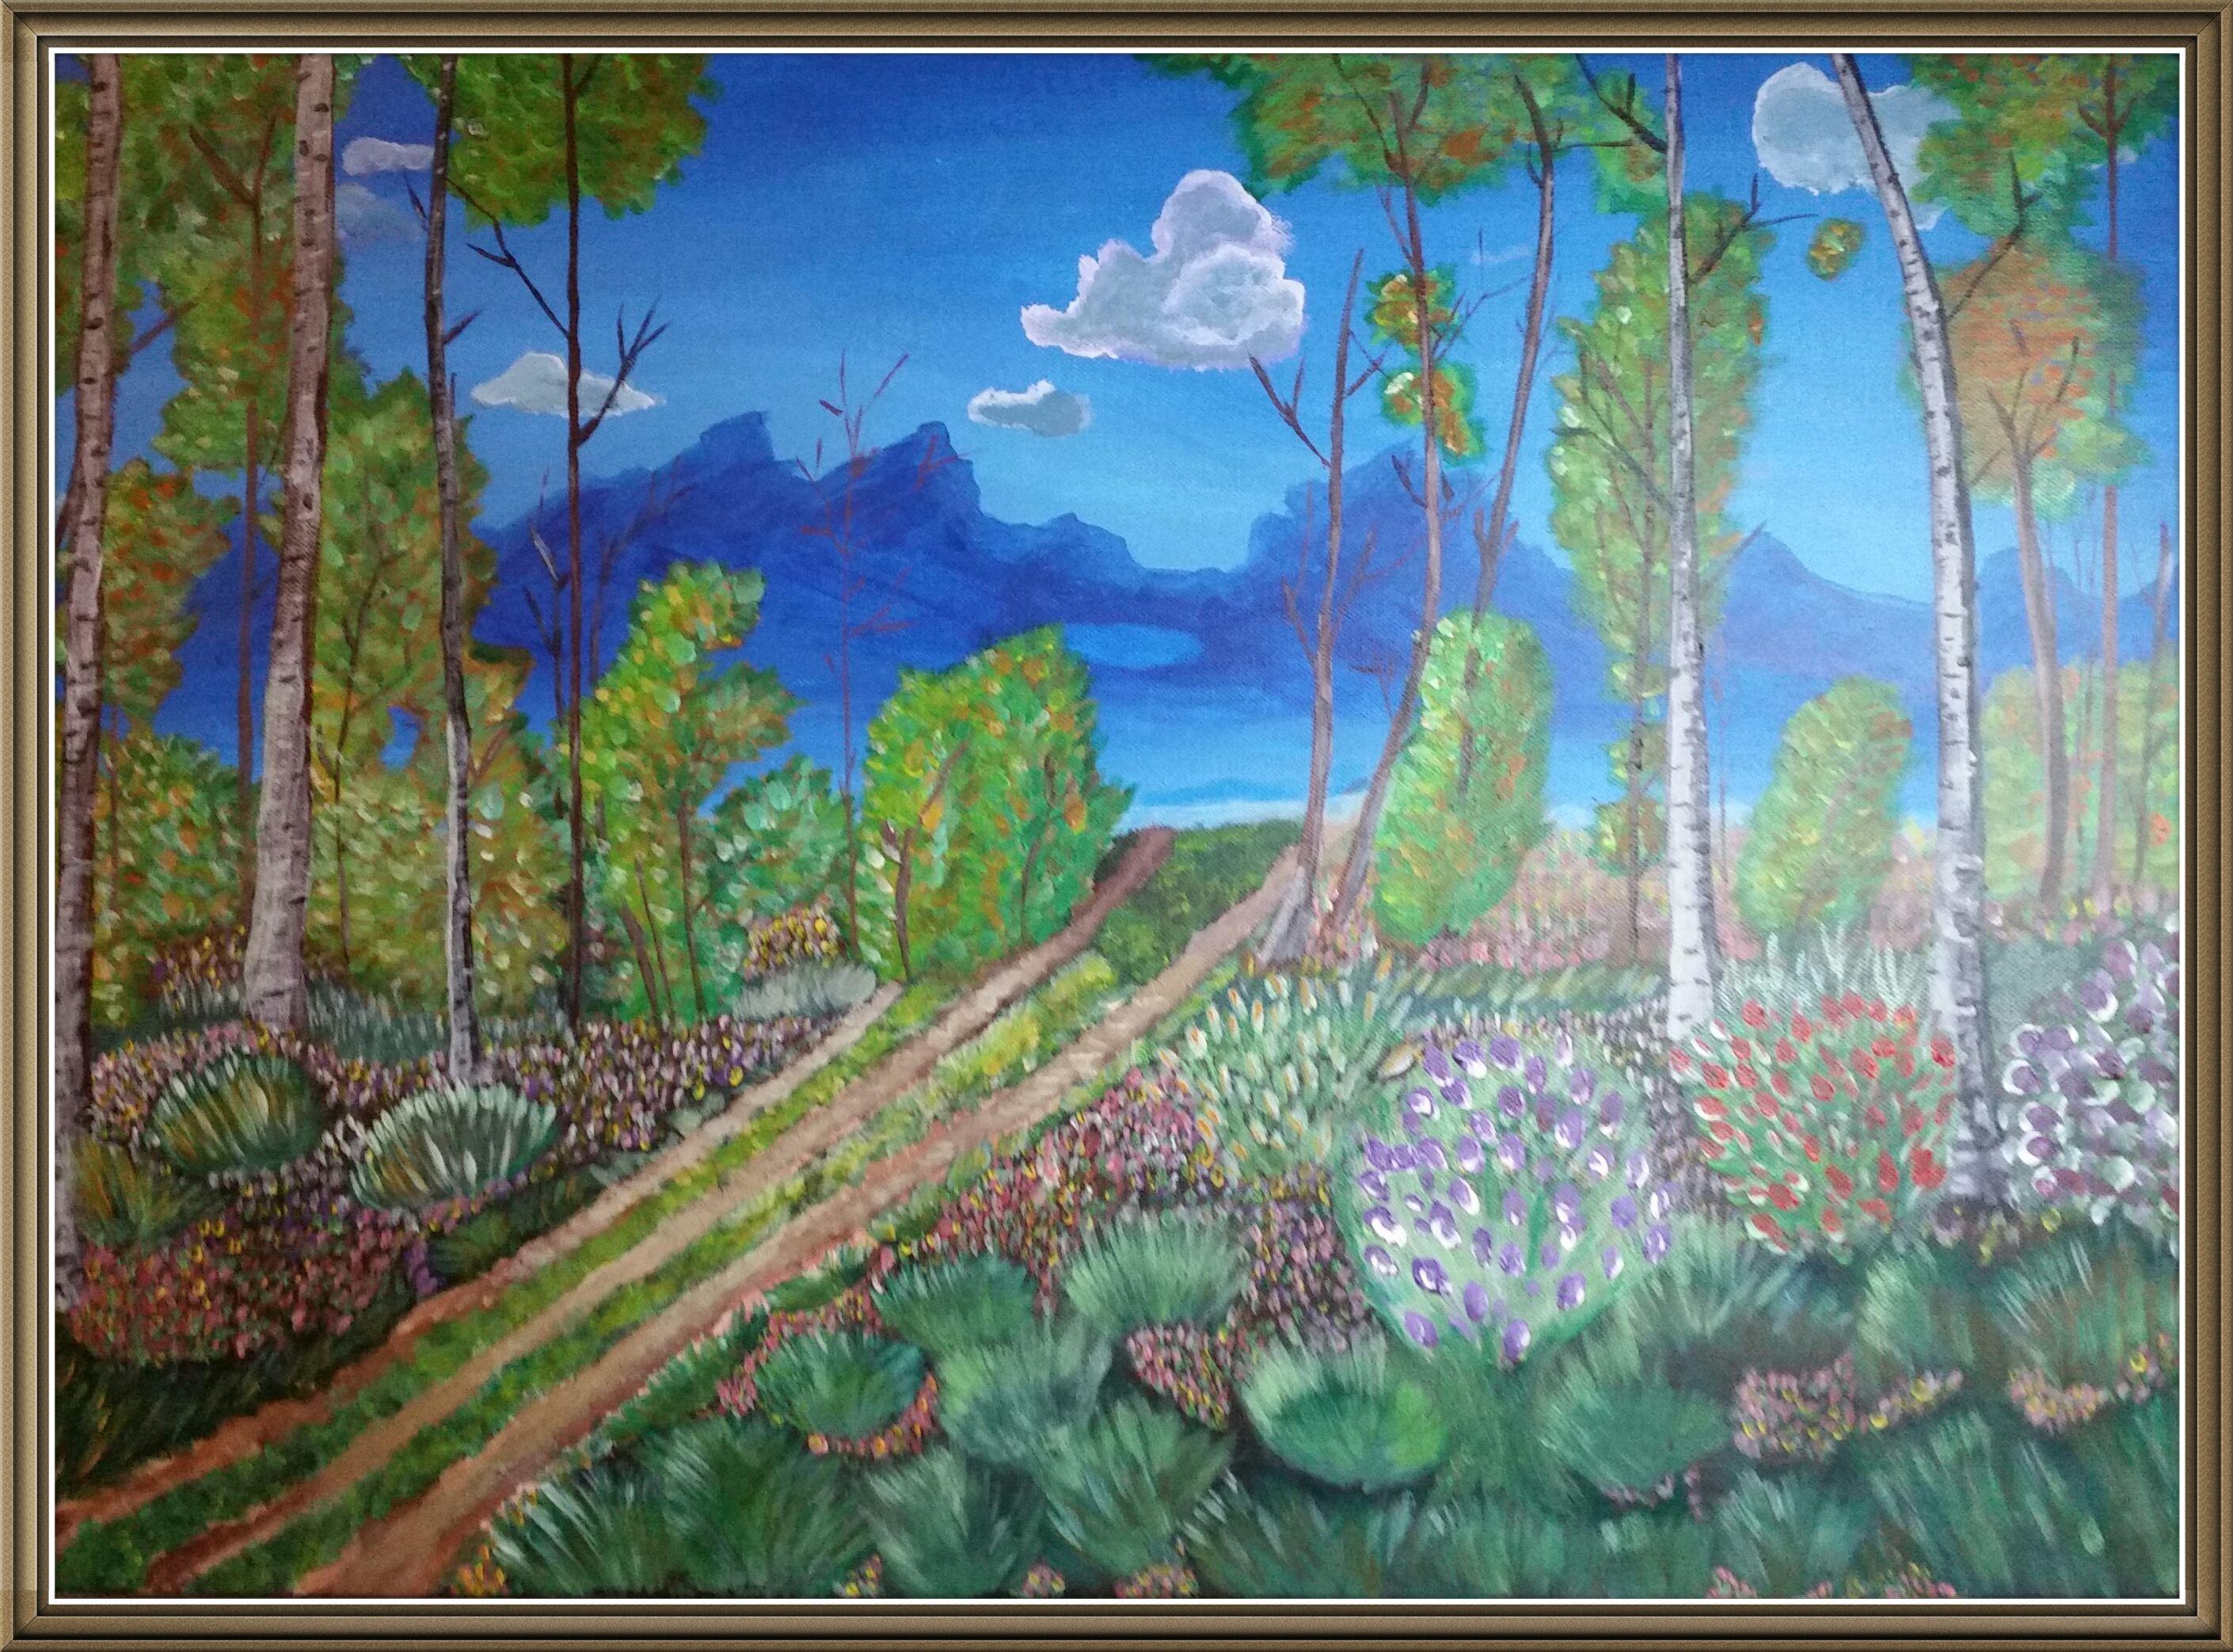 Peinture Acrylique Tableau Foret Arbre Fleur Ciel Montagne Nuage